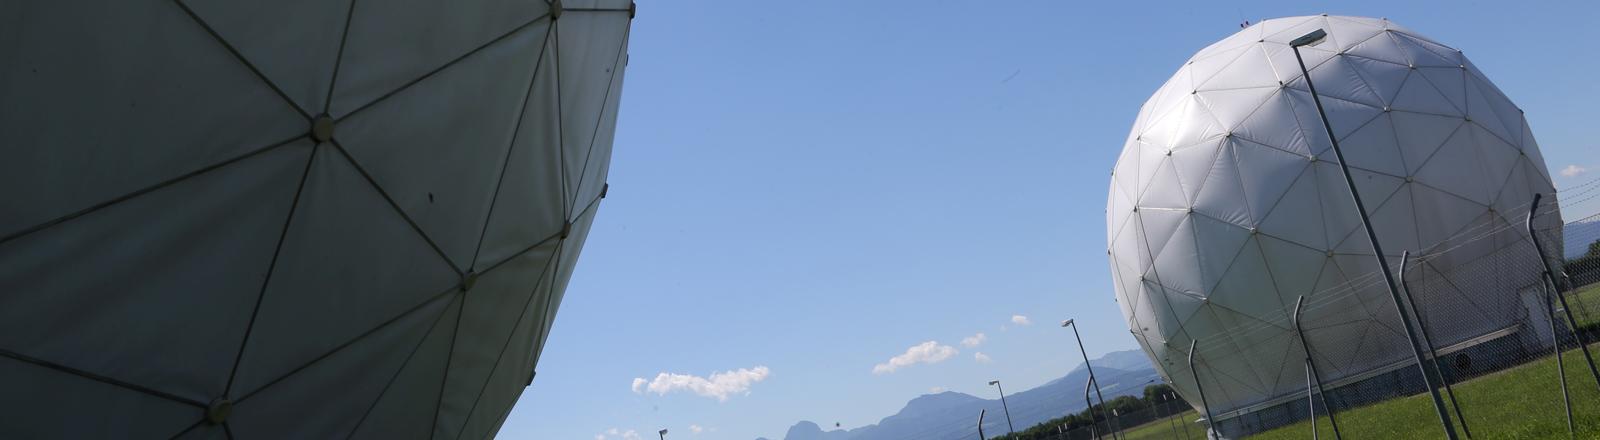 Empfangsanlagen, sogenannte Radome, sind am 06.06.2014 in Bad Aibling (Bayern) in BND-Außenstelle nahe der Mangfall-Kaserne zu sehen.